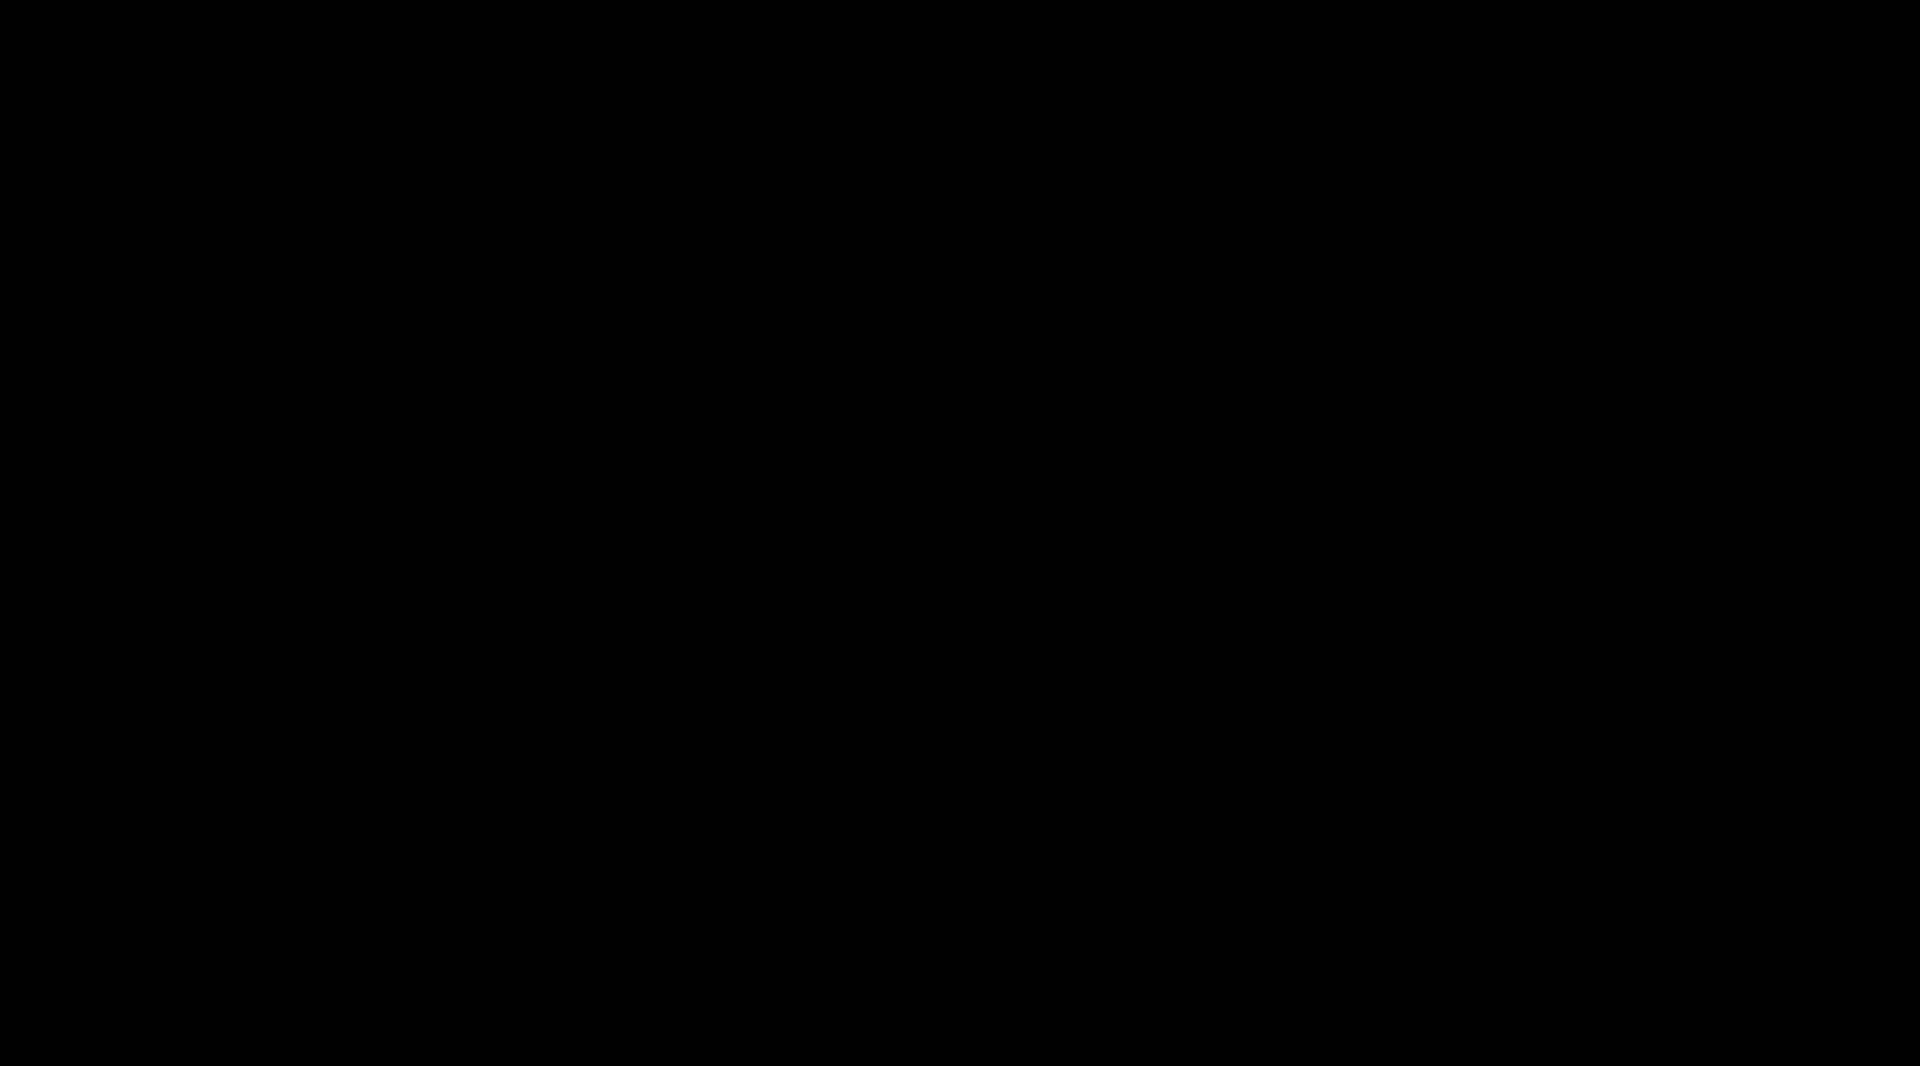 Peipo